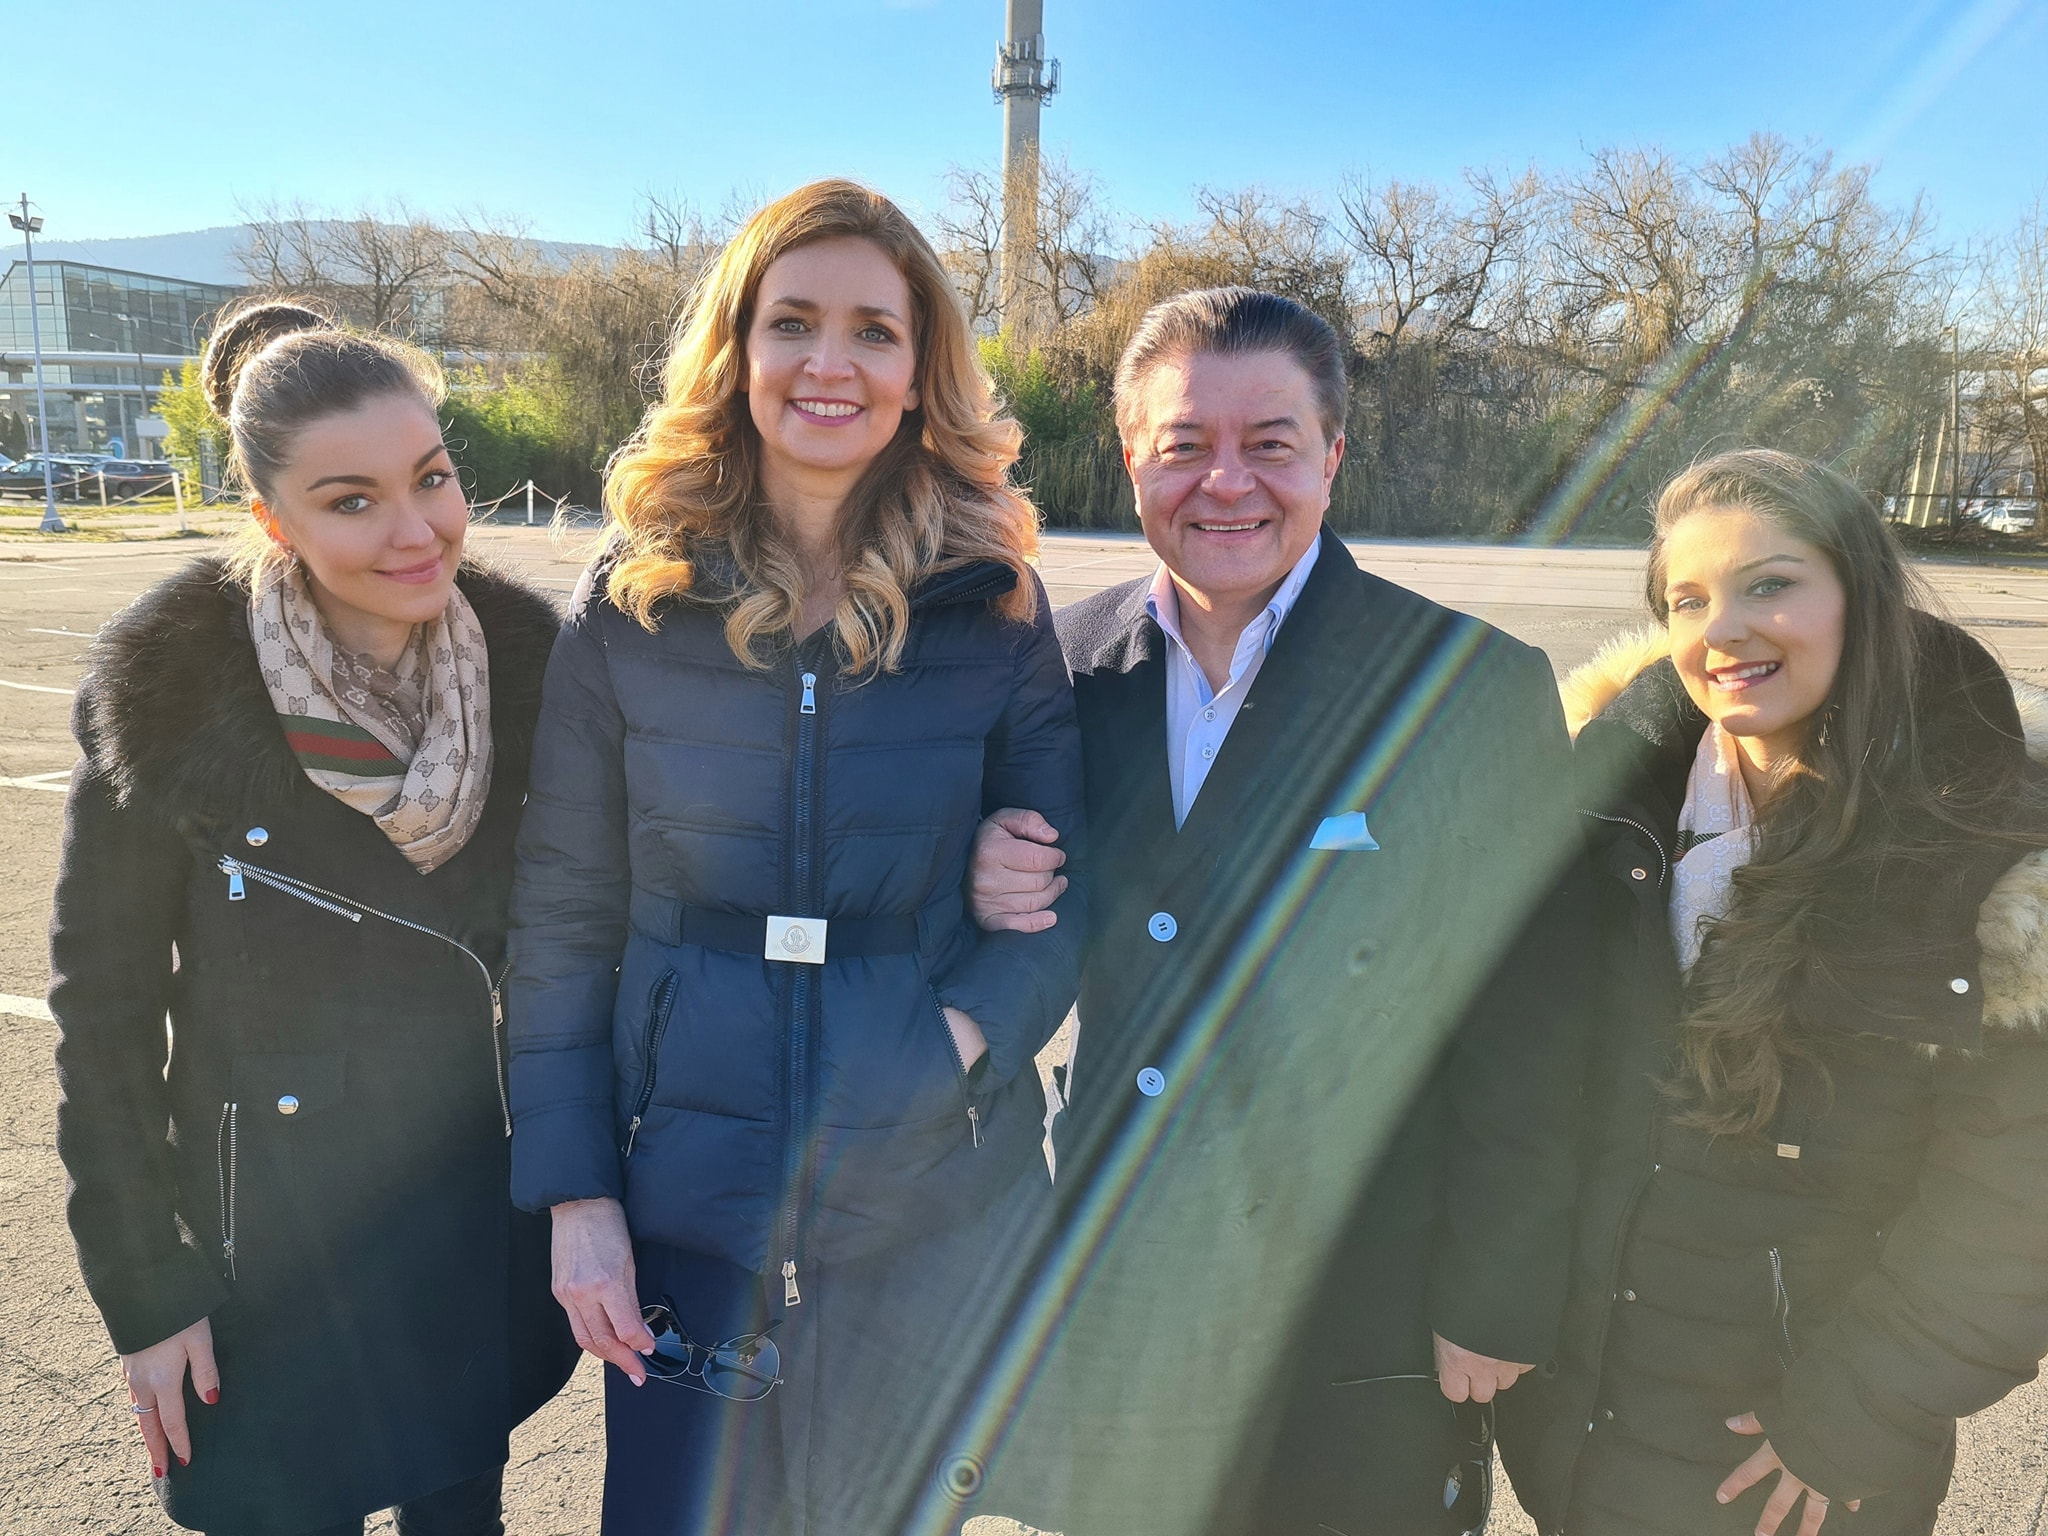 Károly Nyári in Család-Barát magazinban TV show